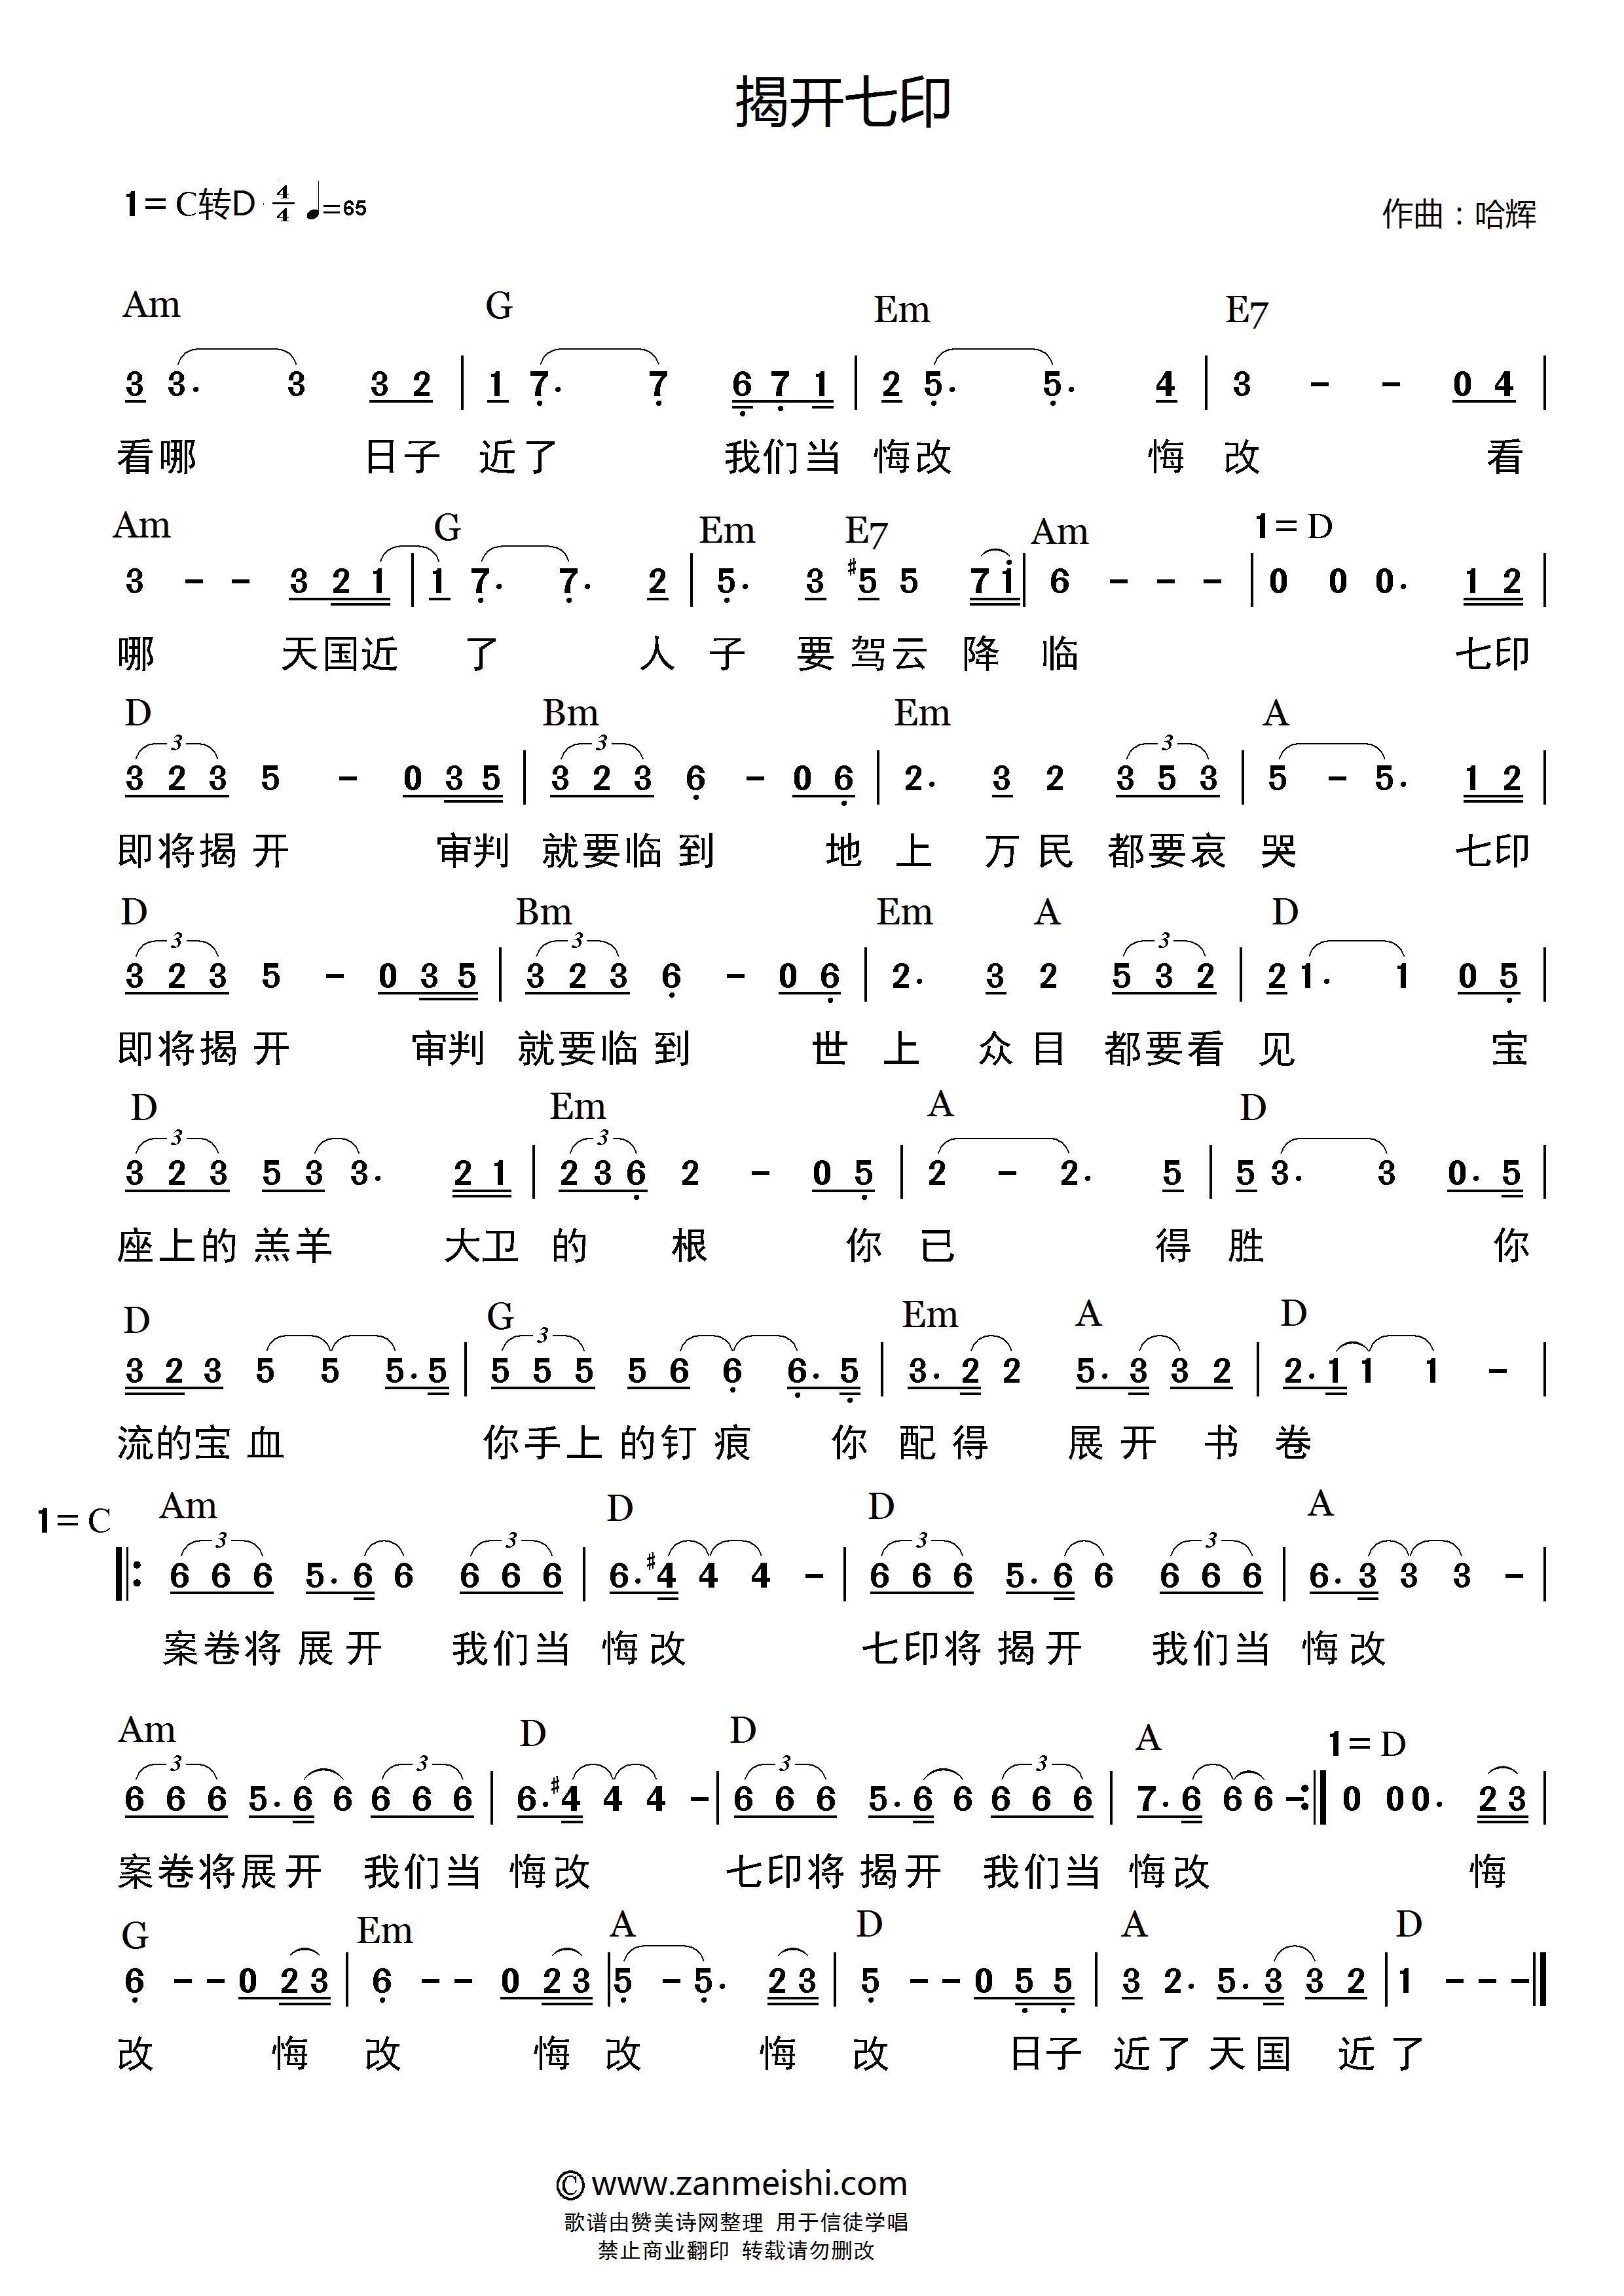 《揭开七印 官方和弦简谱》